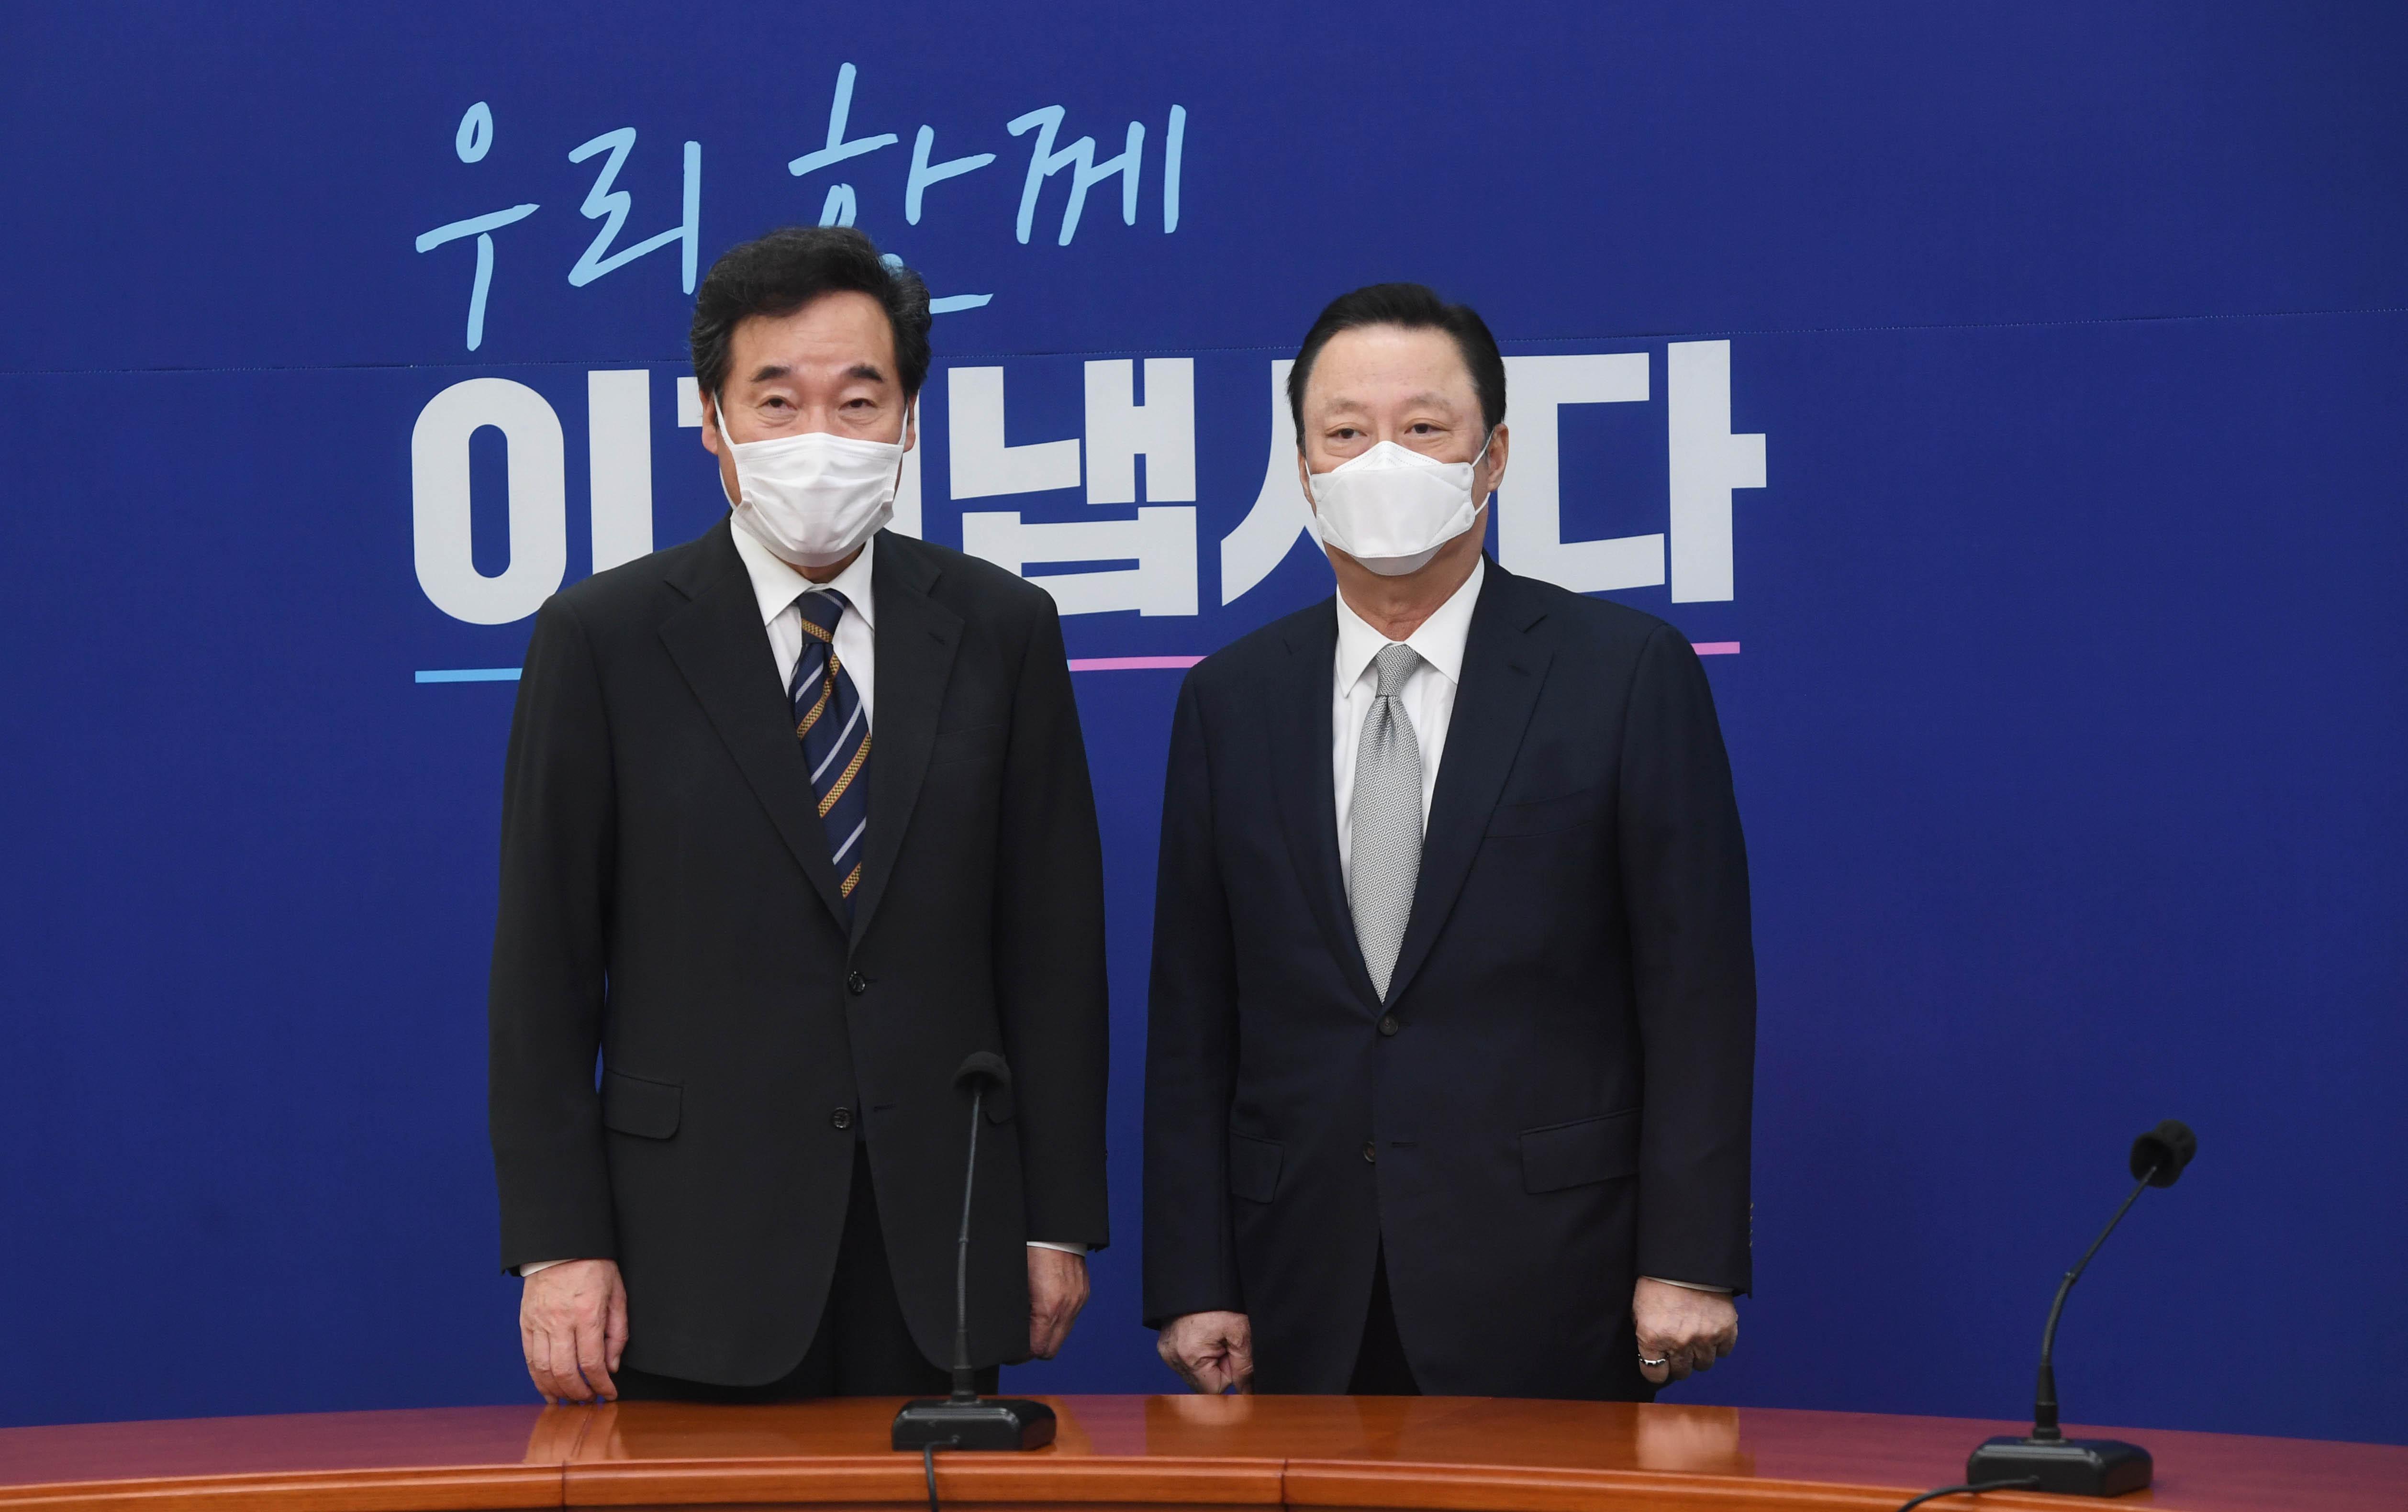 '기업규제 3법 반대' 이낙연 대표 만난 박용만 회장